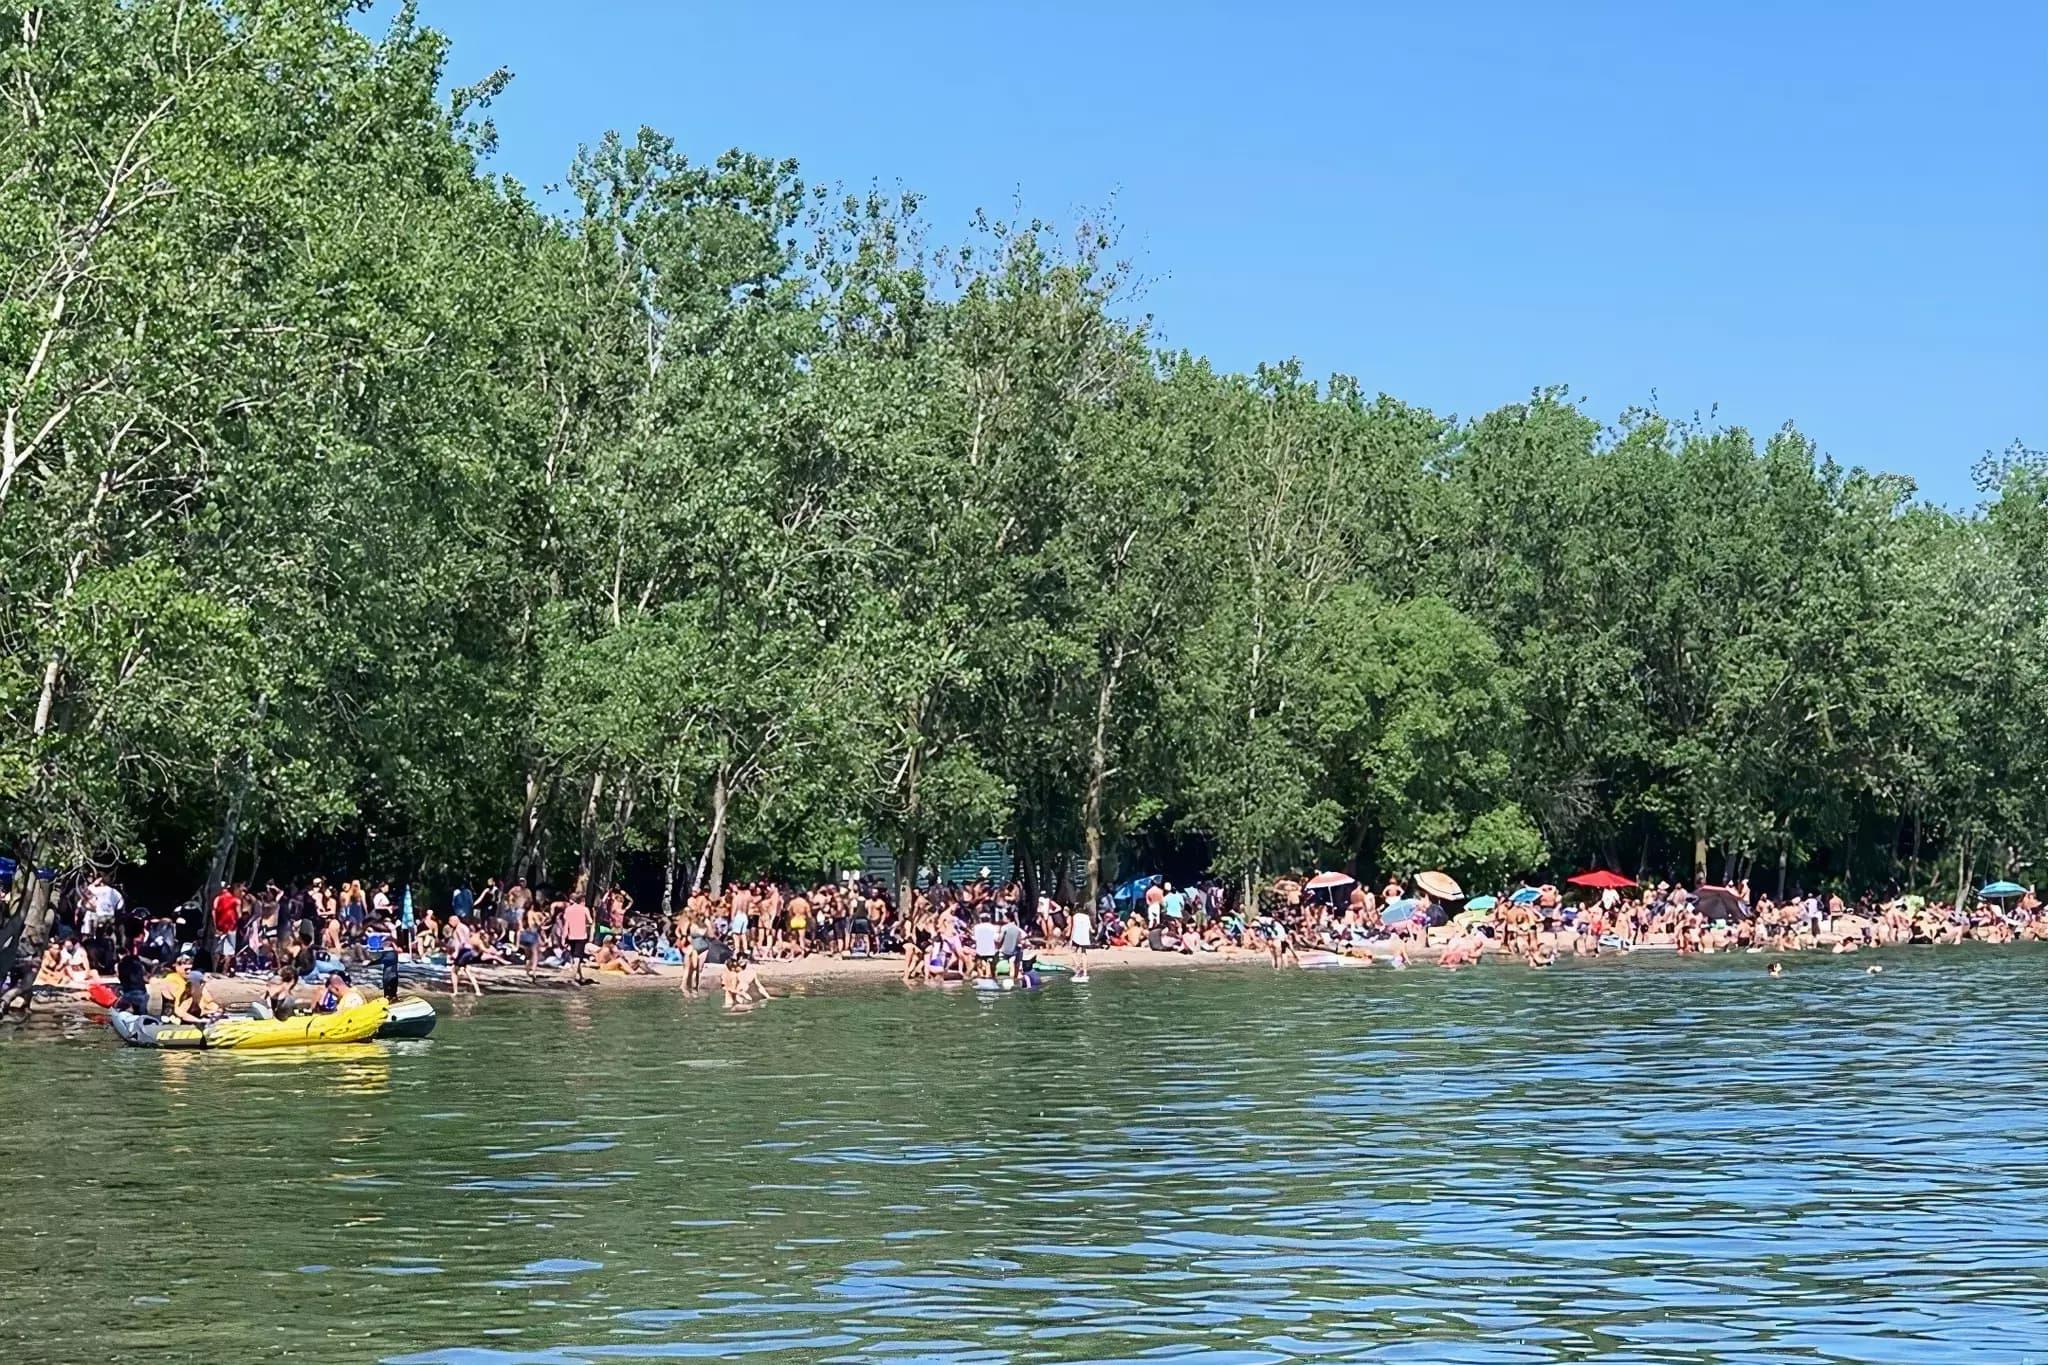 هجوم جمعیت در سواحل تورنتو در این آخر هفته